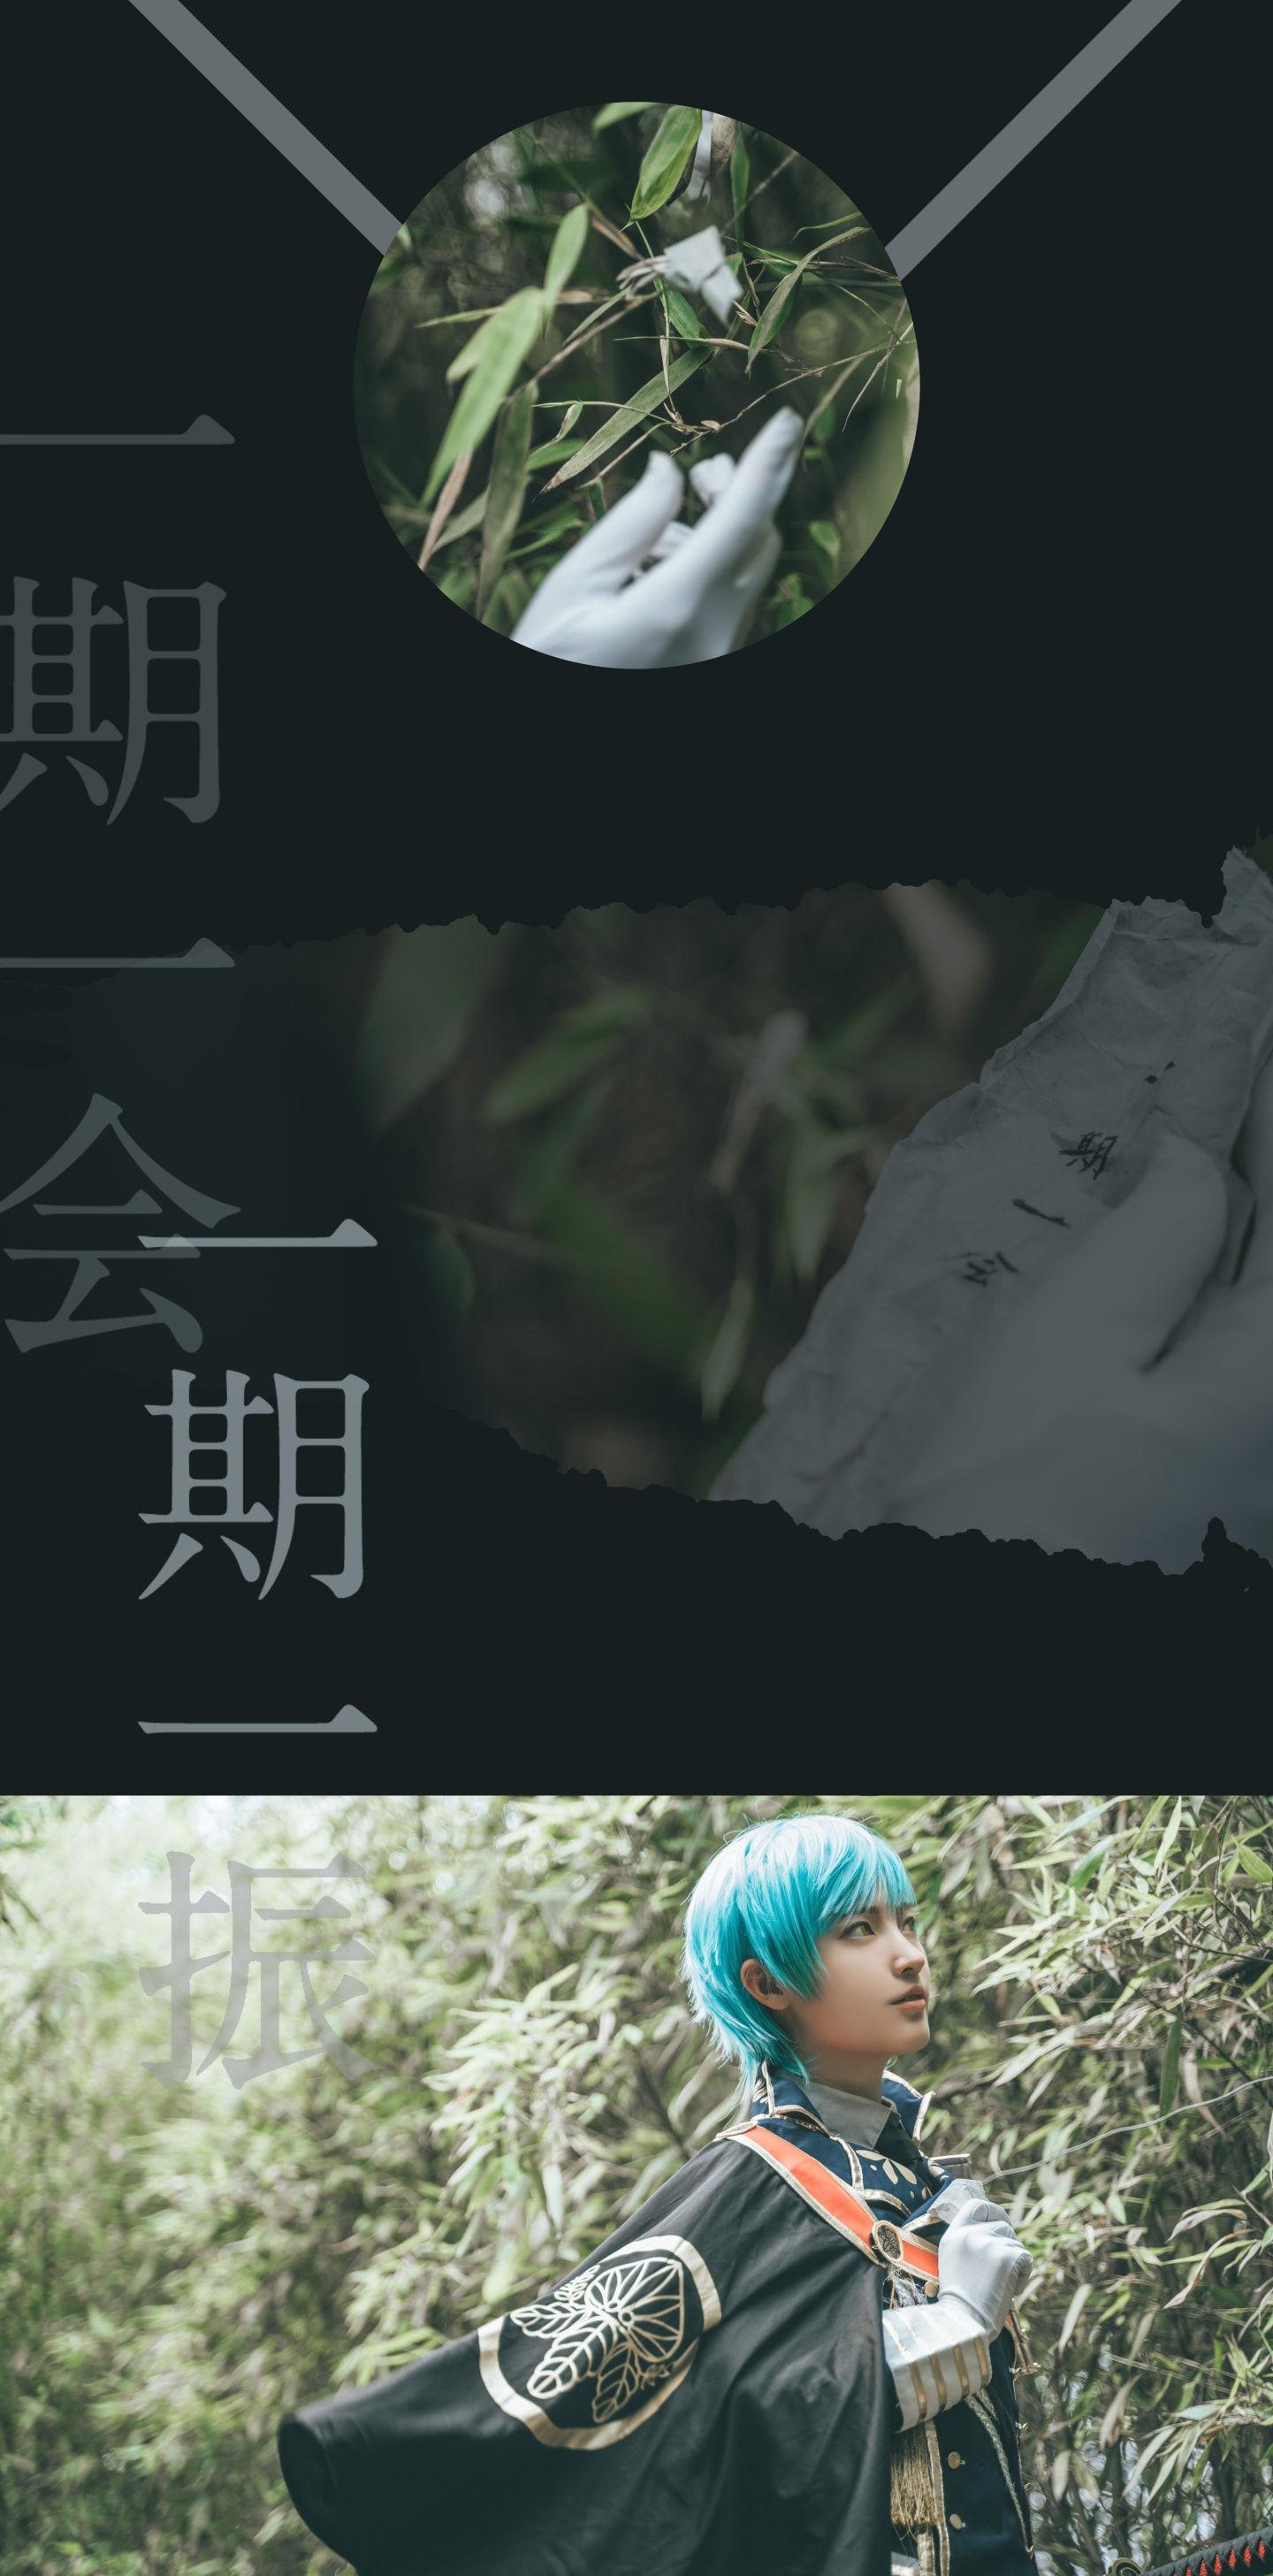 刀剑乱舞一期一振cosplay插图(3)